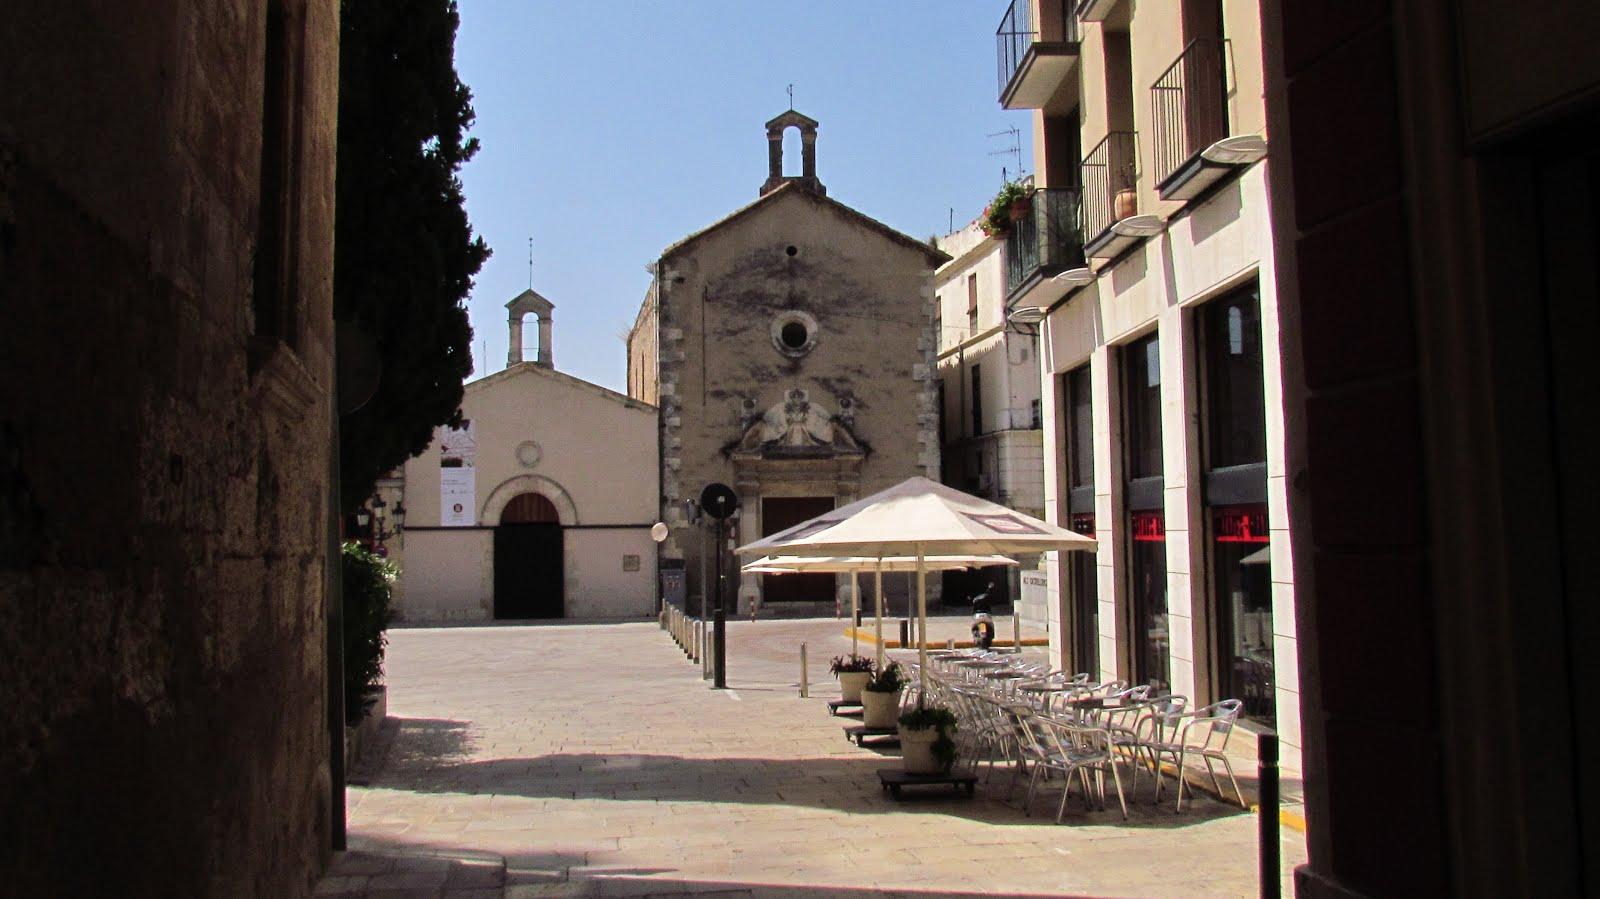 Tot son punts de vista les esgl sies de la pla a jaume i for Morato vilafranca